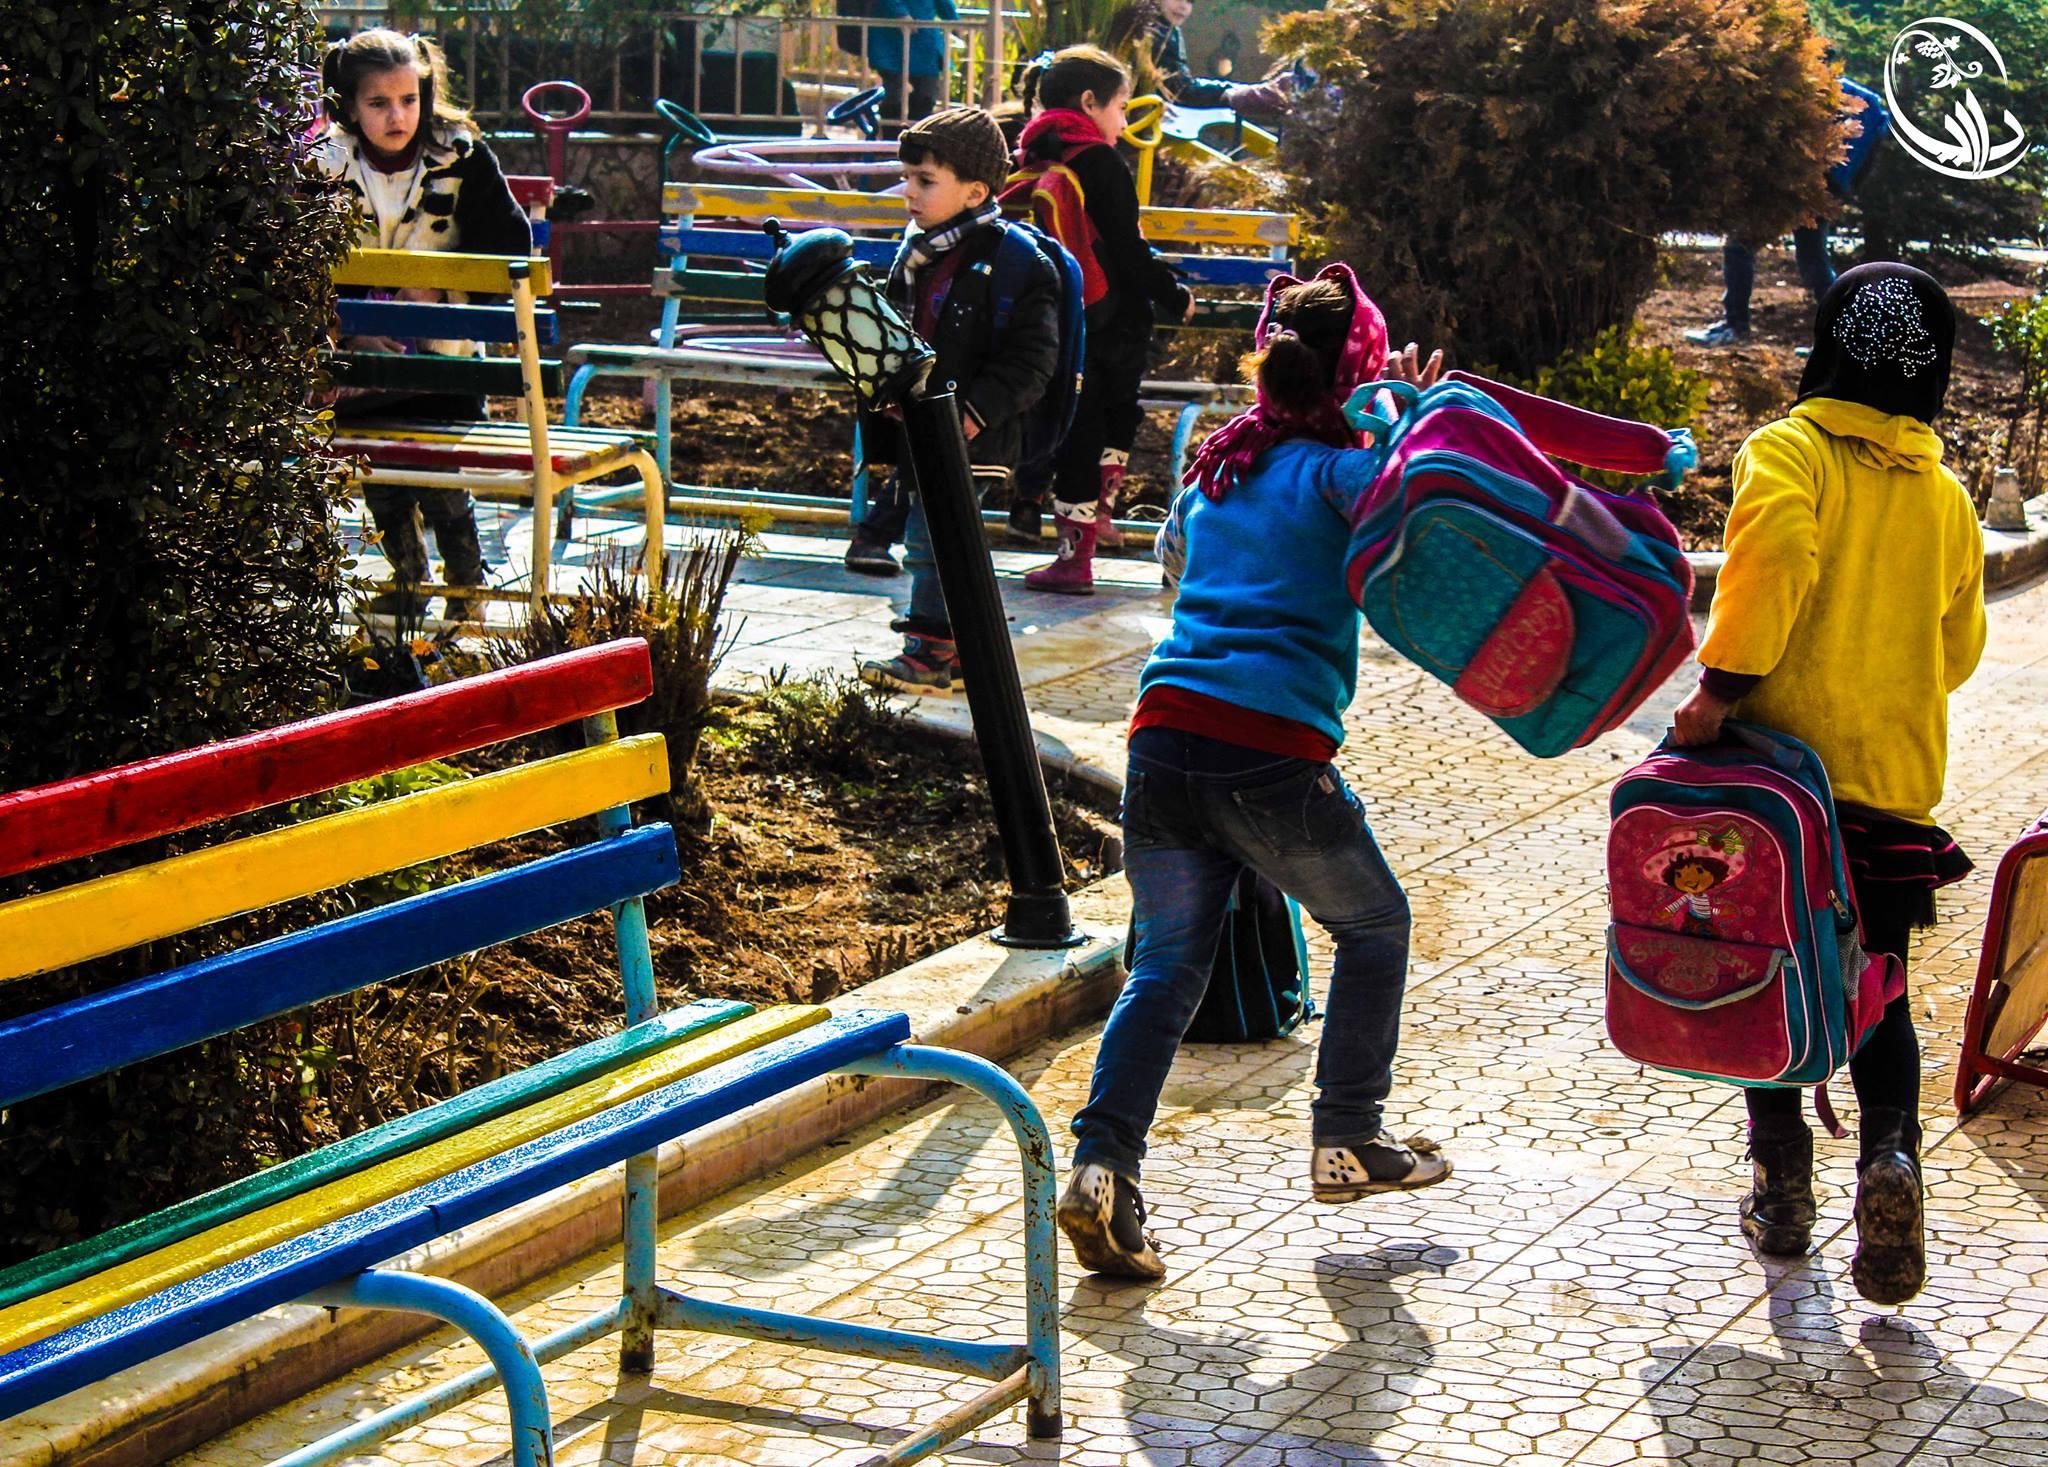 الأطفال في إحدى حدائق داريا